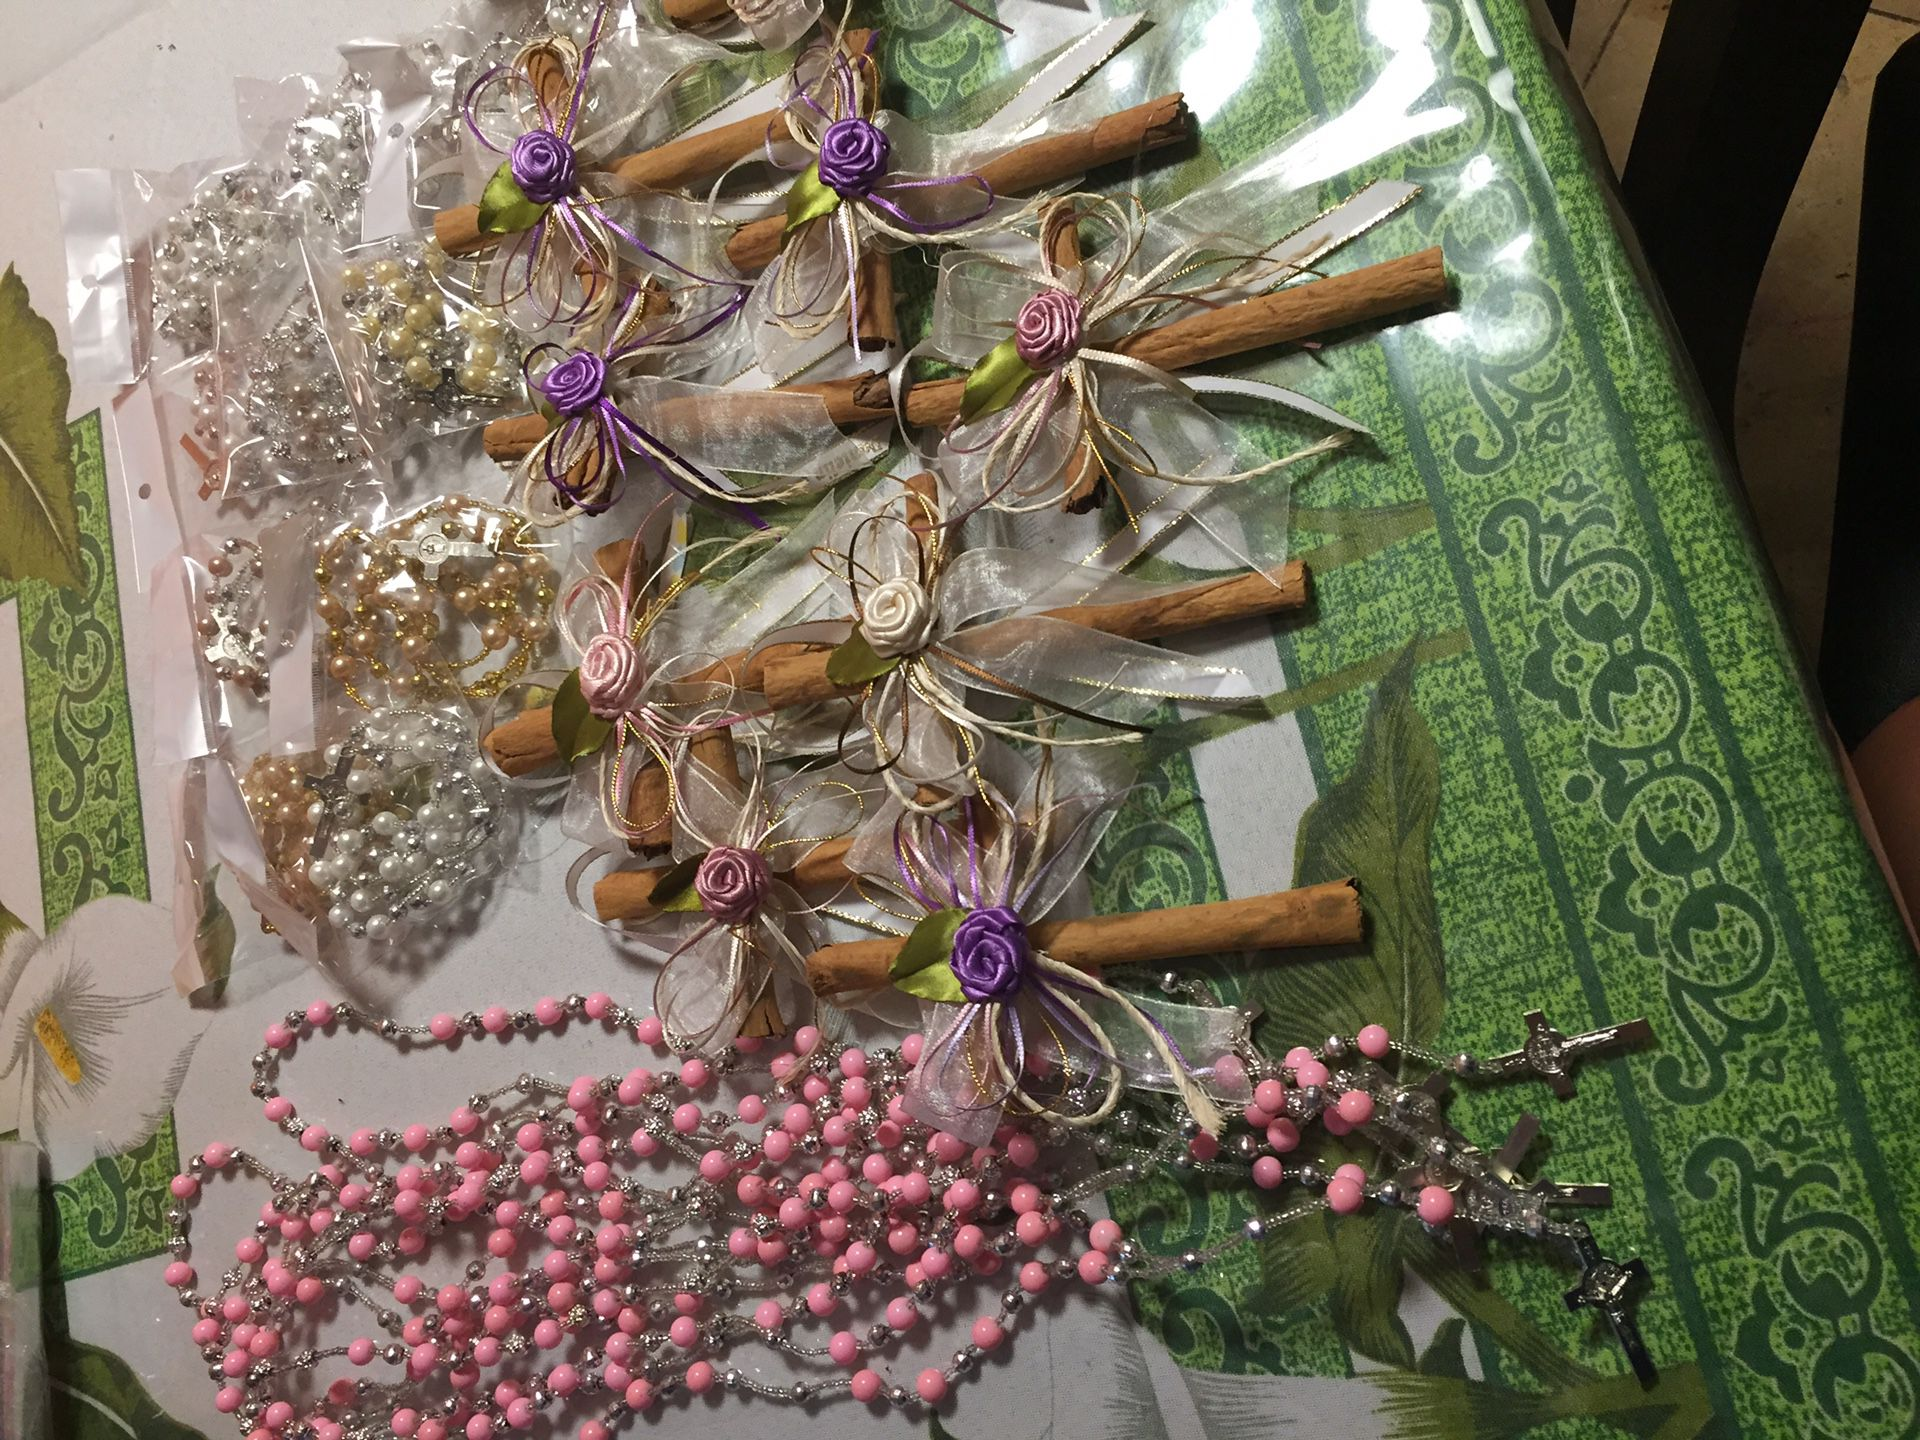 Acsesorios para primera comunión cuales de canela rosarios abuenprecio